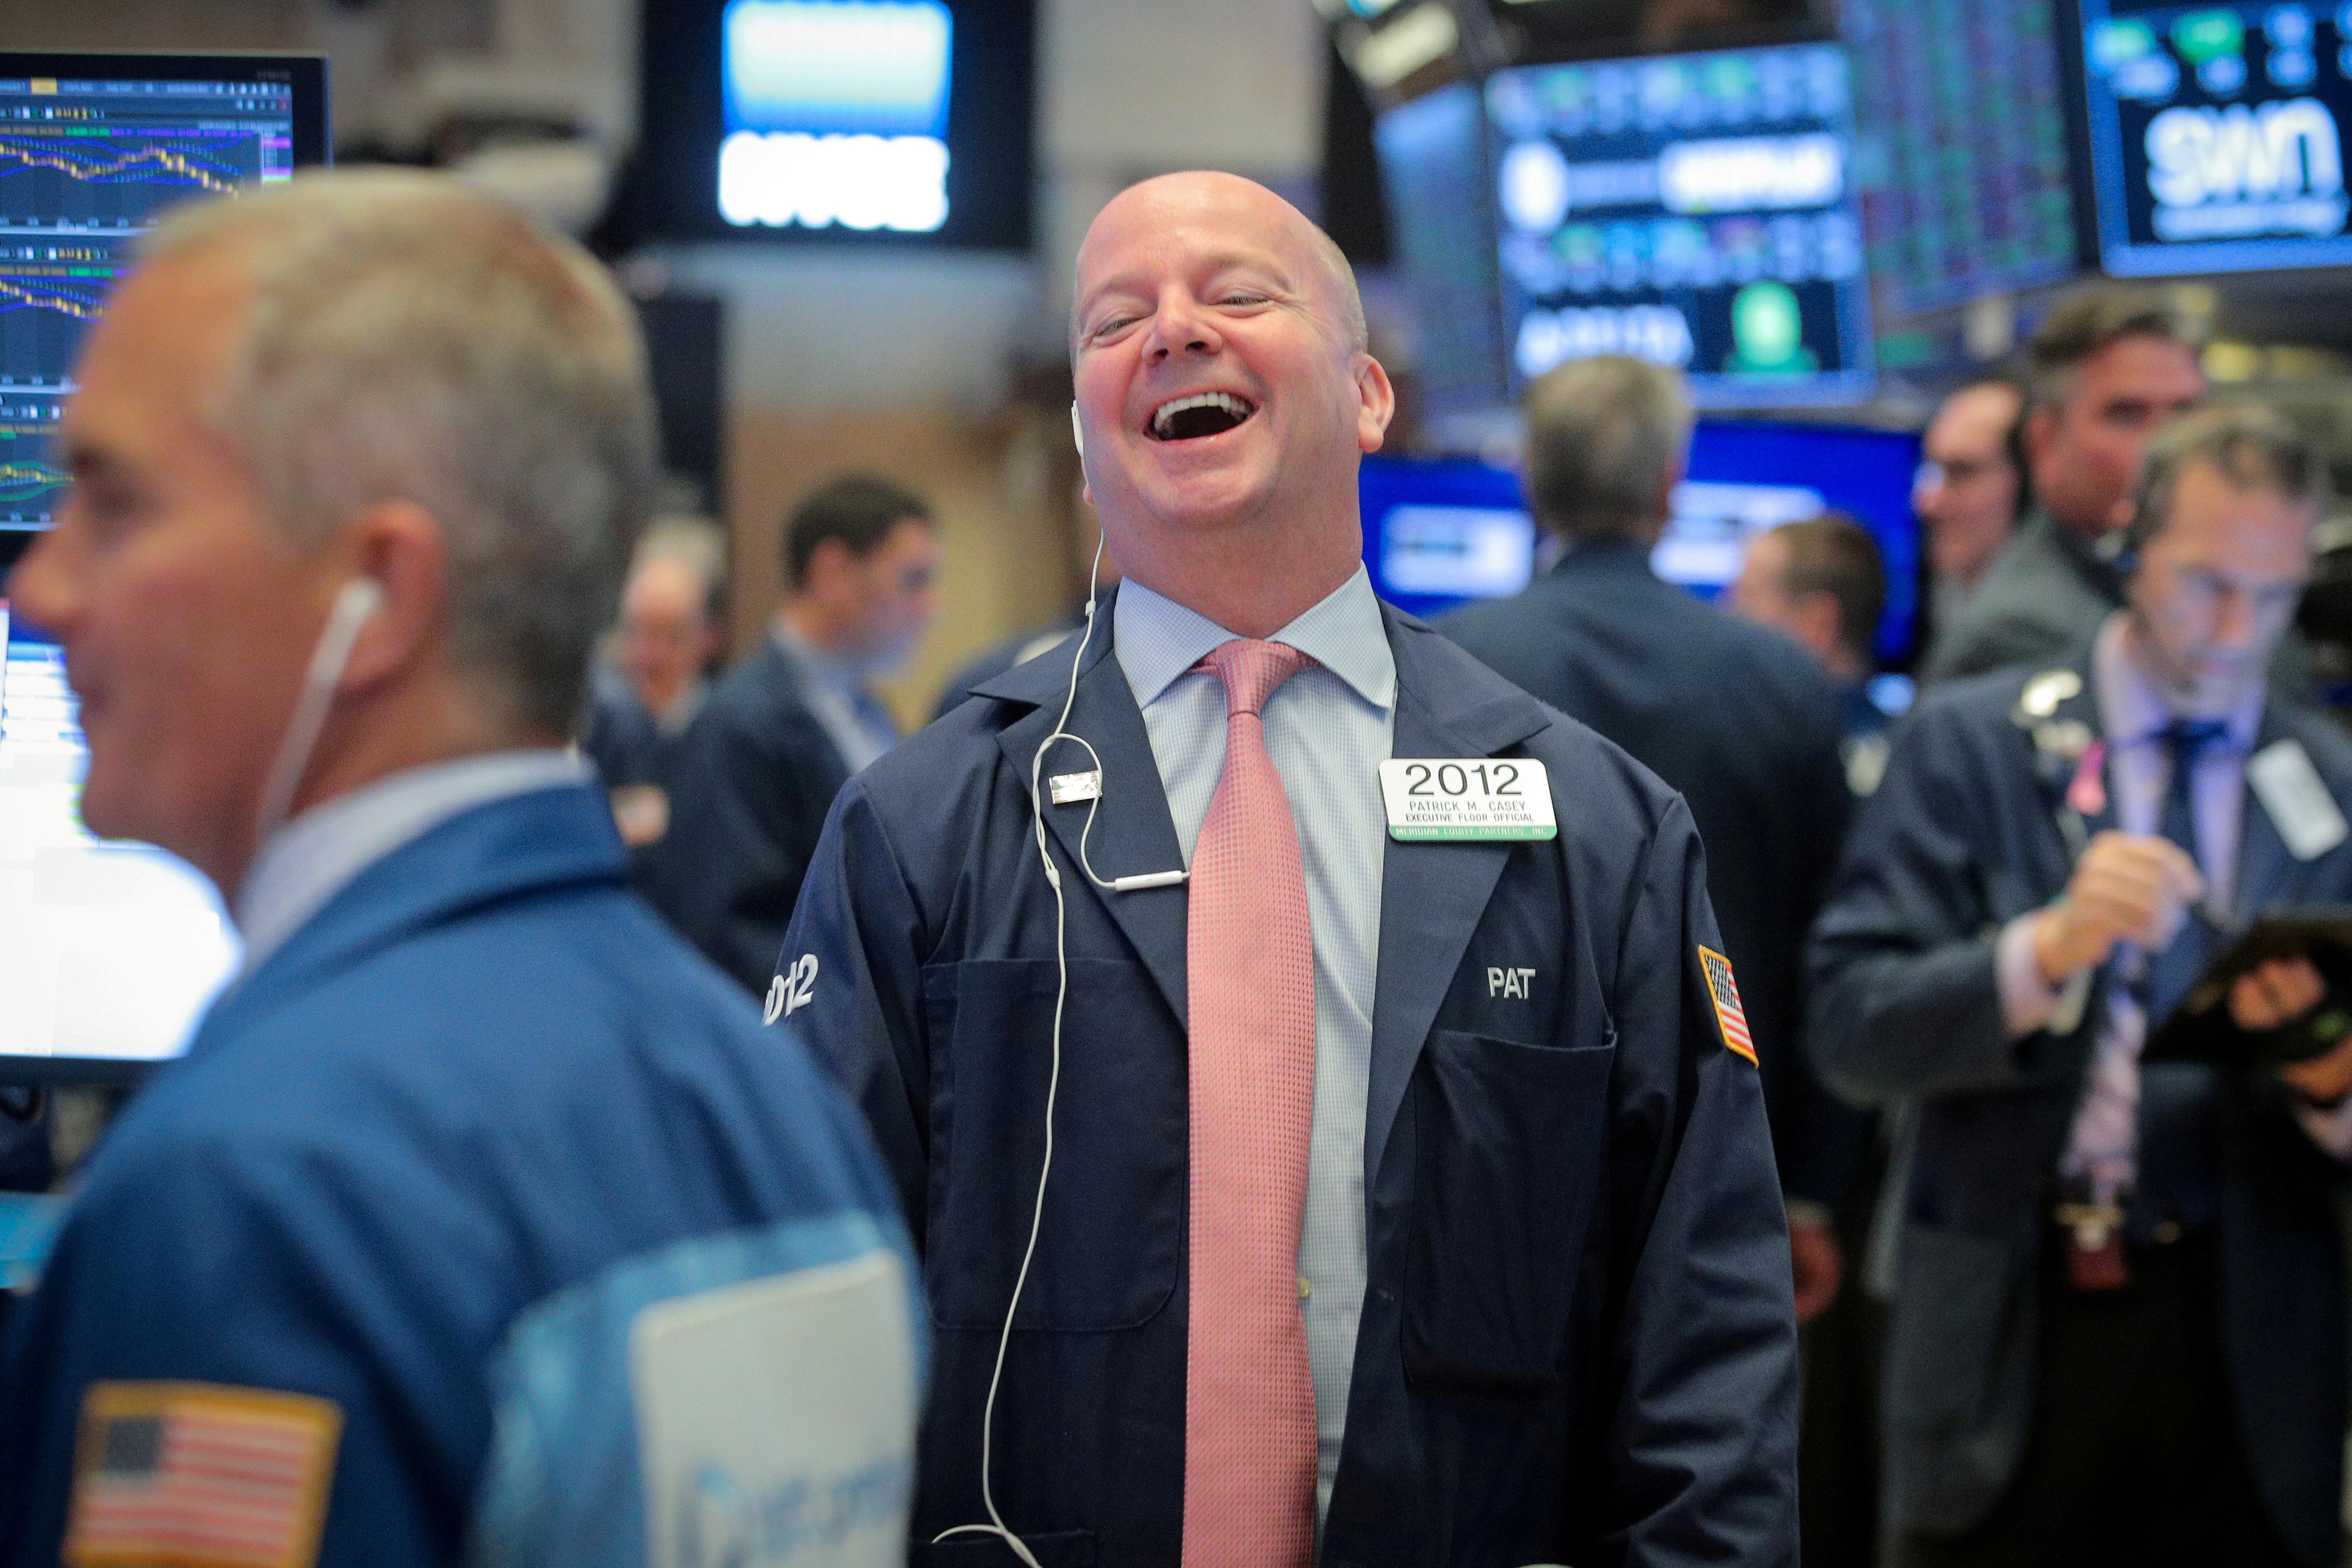 Les stocks baissent alors que les tensions commerciales menacent les bénéfices